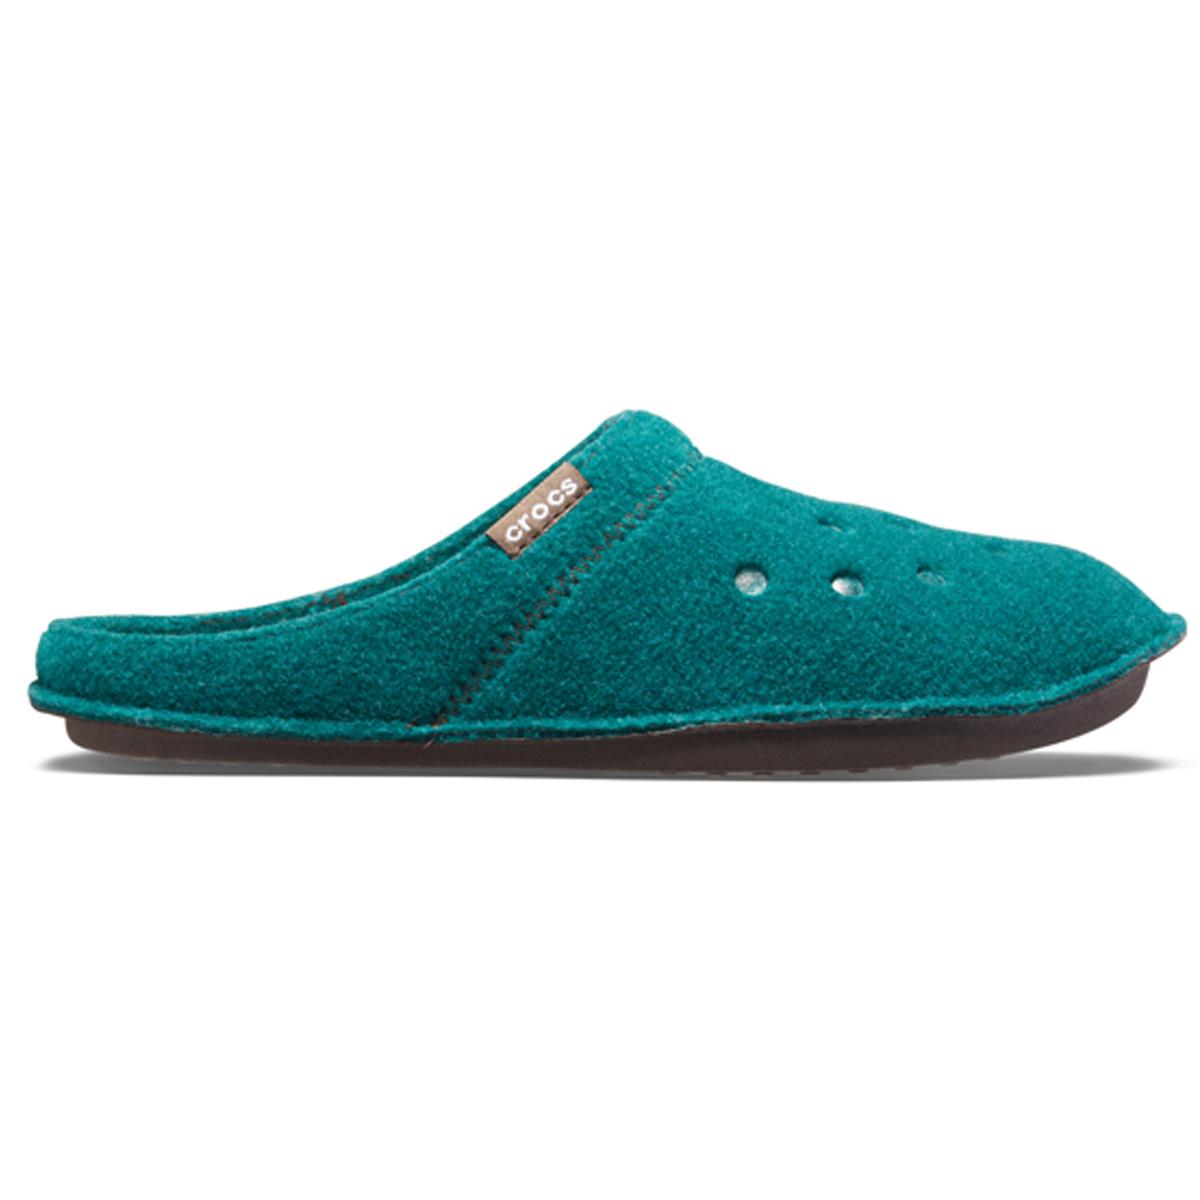 Classic Slipper - Çam Yeşili/Sıva Rengi